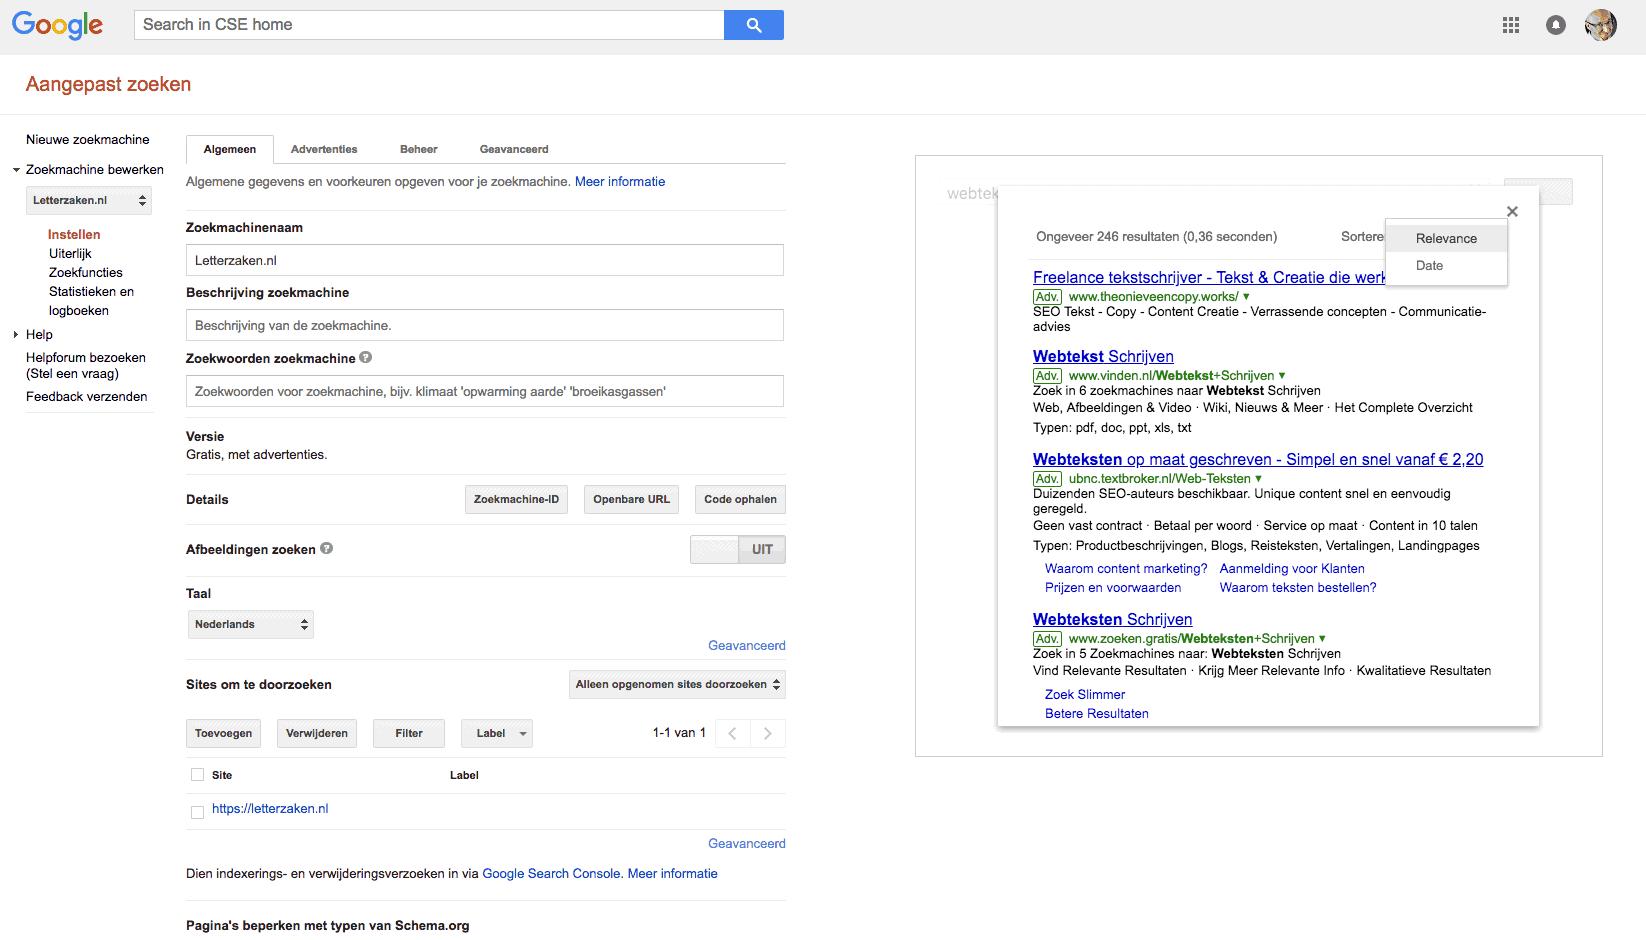 Voorbeeld van een zoekopdracht in Google Aangepast Zoeken.